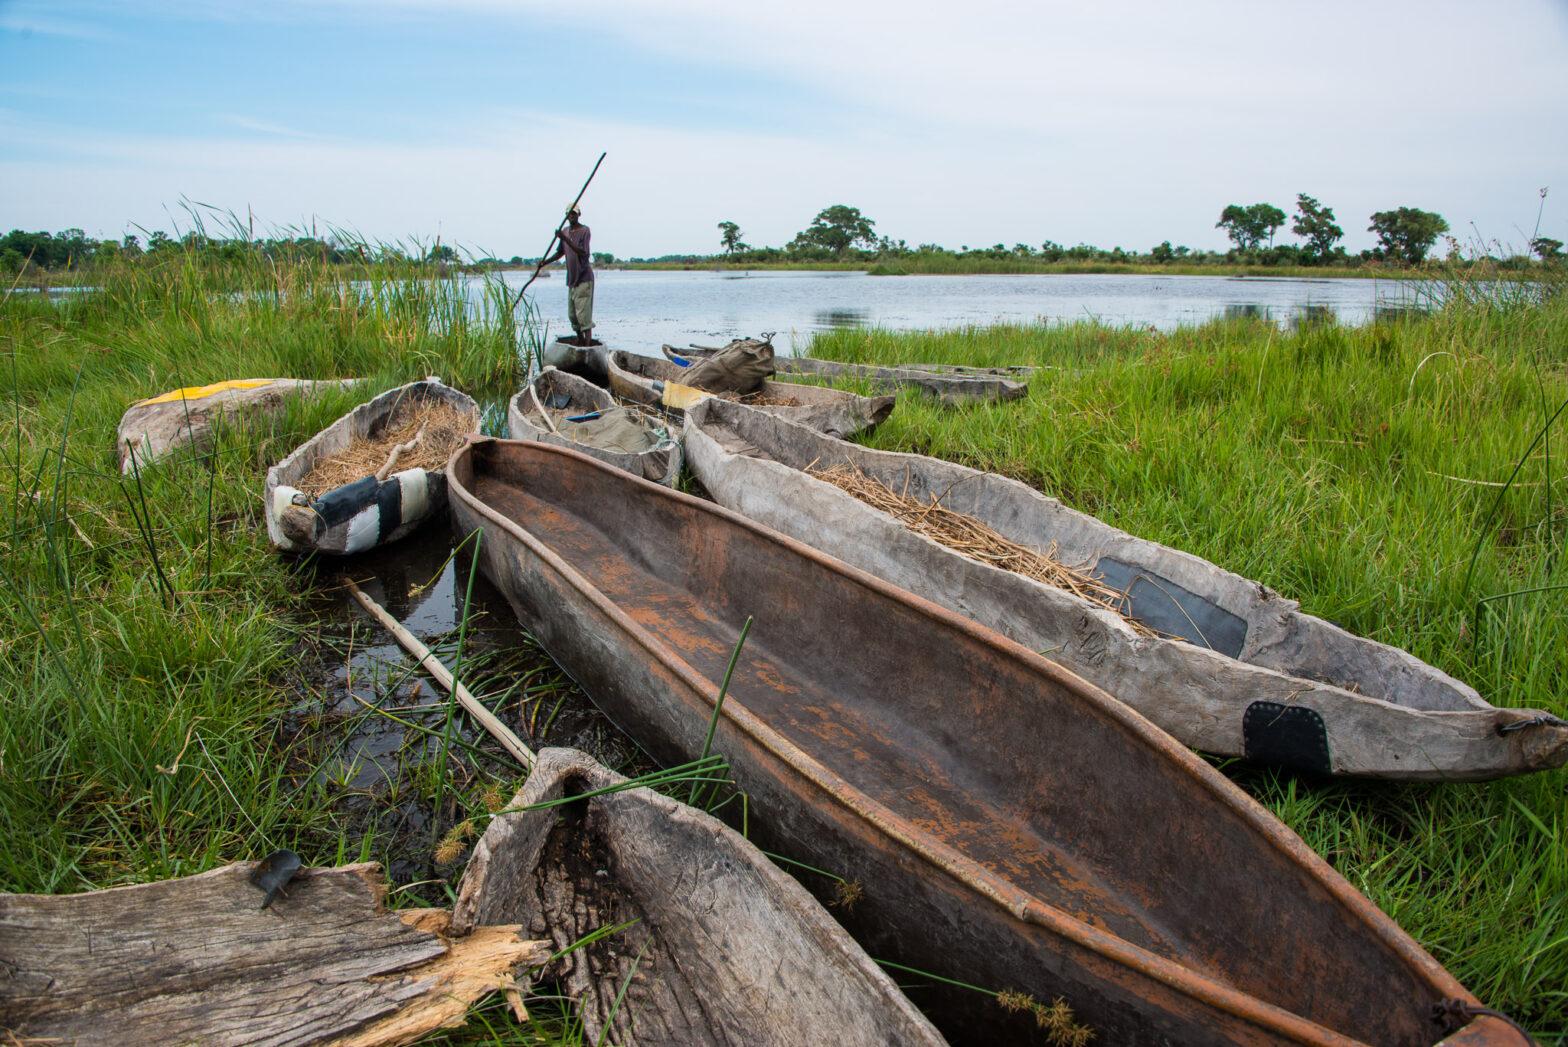 Mokoro, Okawango Delta, Botwana